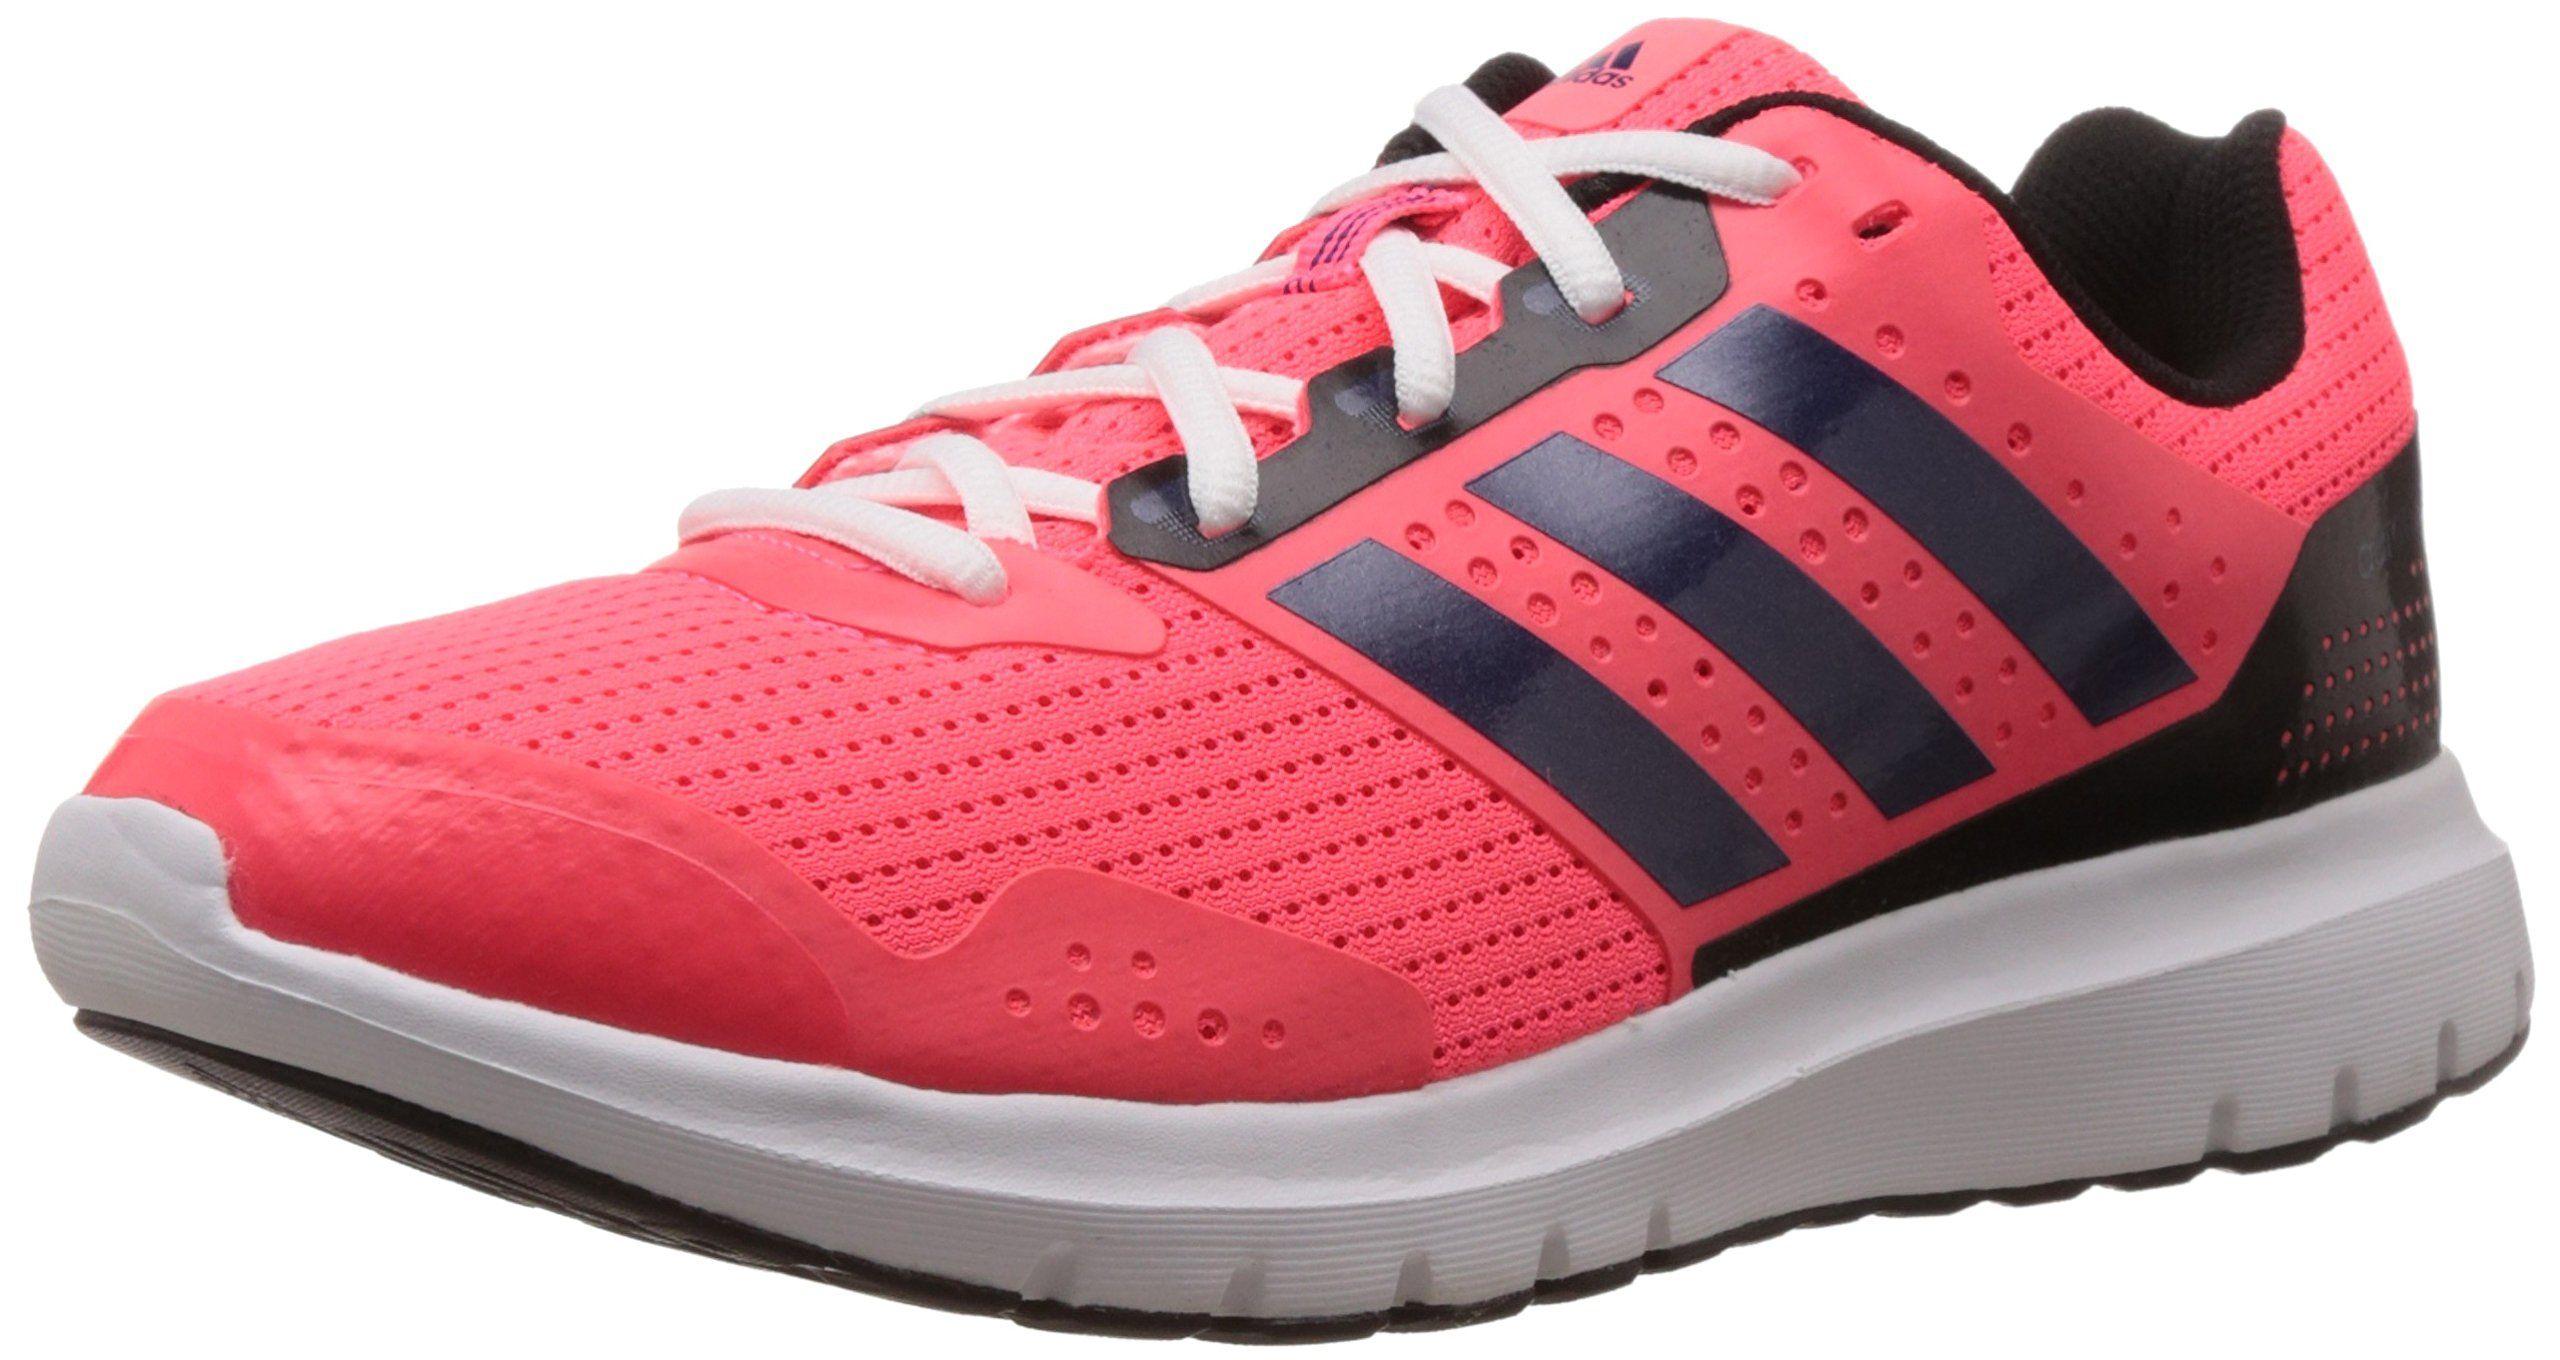 Adidas Duramo 7 Women's Running Shoes - AW15 - 9.5   Womens ...